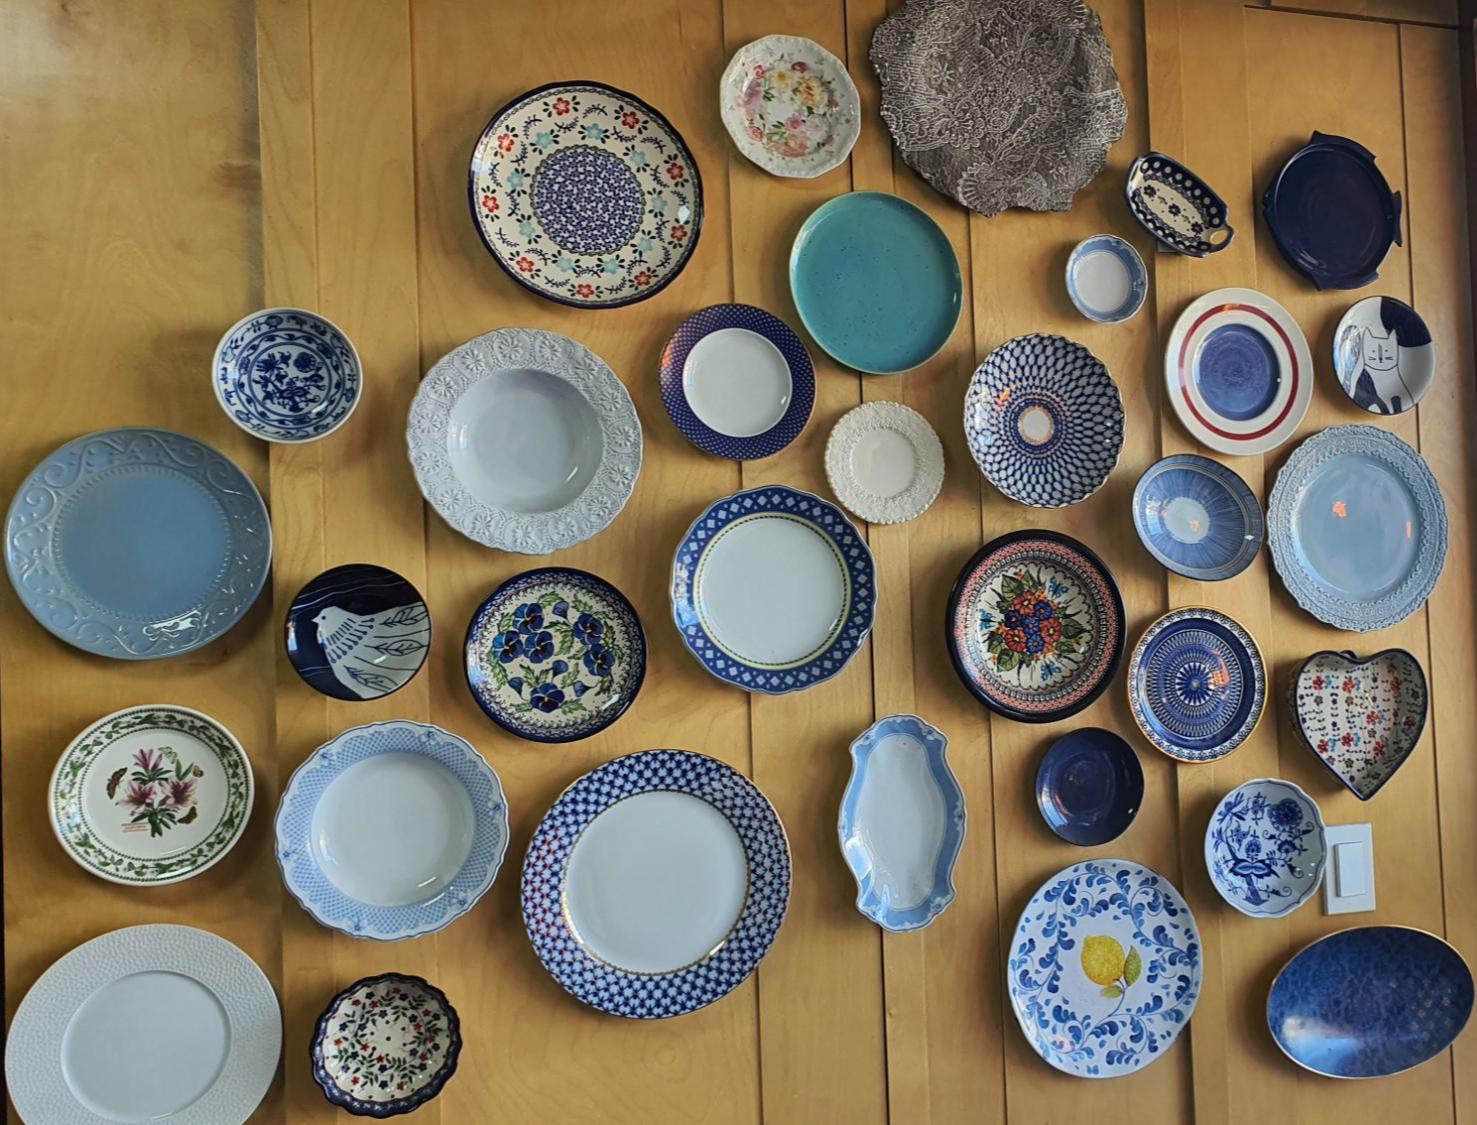 벽면에-붙어있는-그릇들